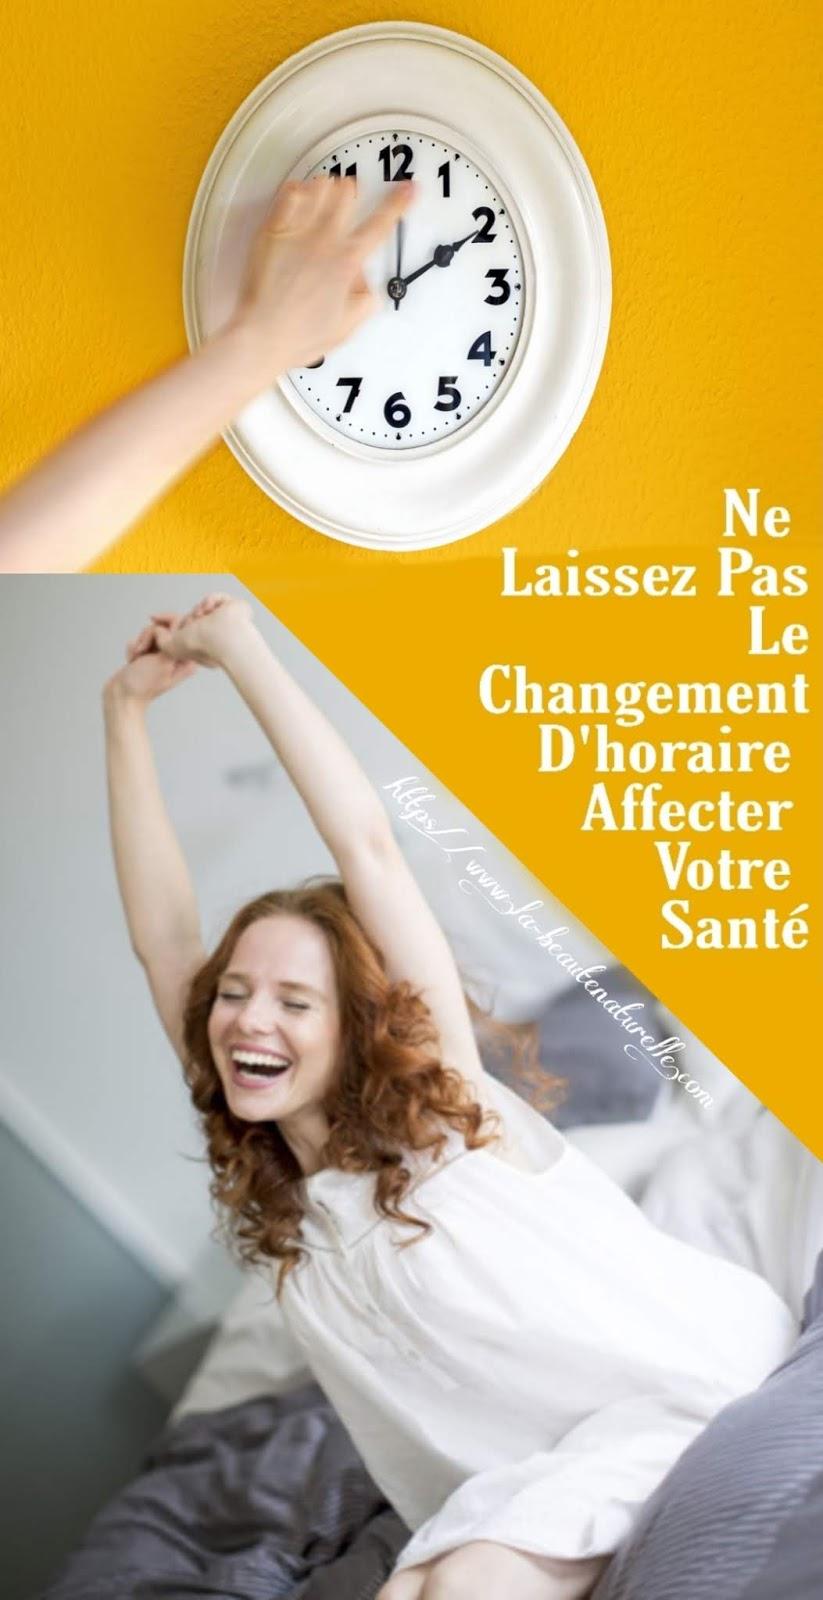 Ne Laissez Pas Le Changement D'horaire Affecter Votre Santé